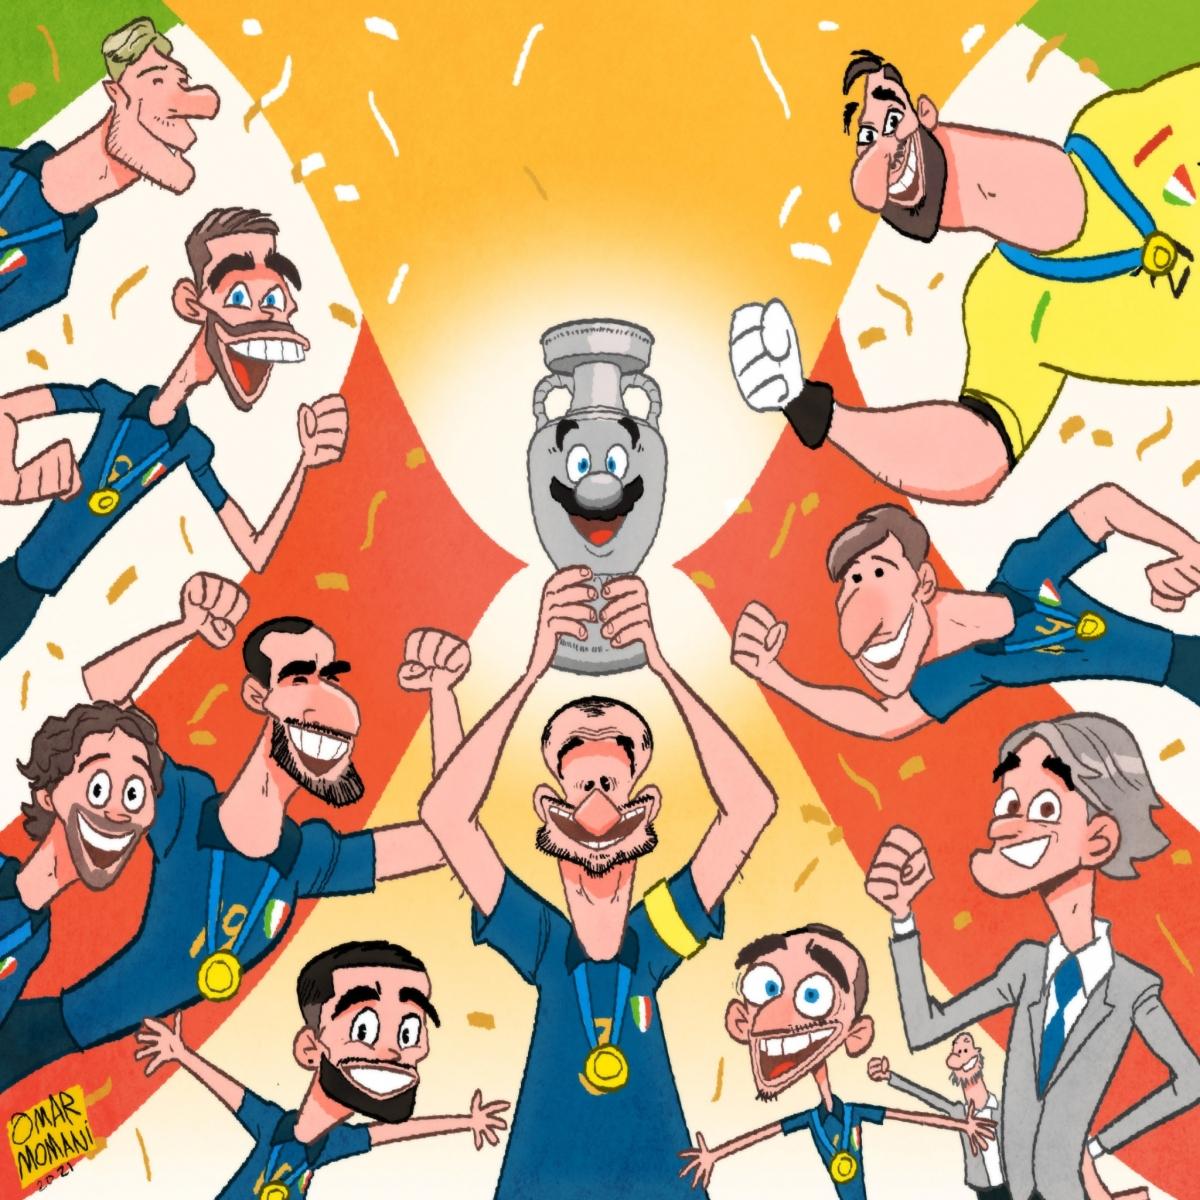 ĐT Italia đang giữ kỷ lục 36 trận bất bại. (Ảnh: Omar Momani).